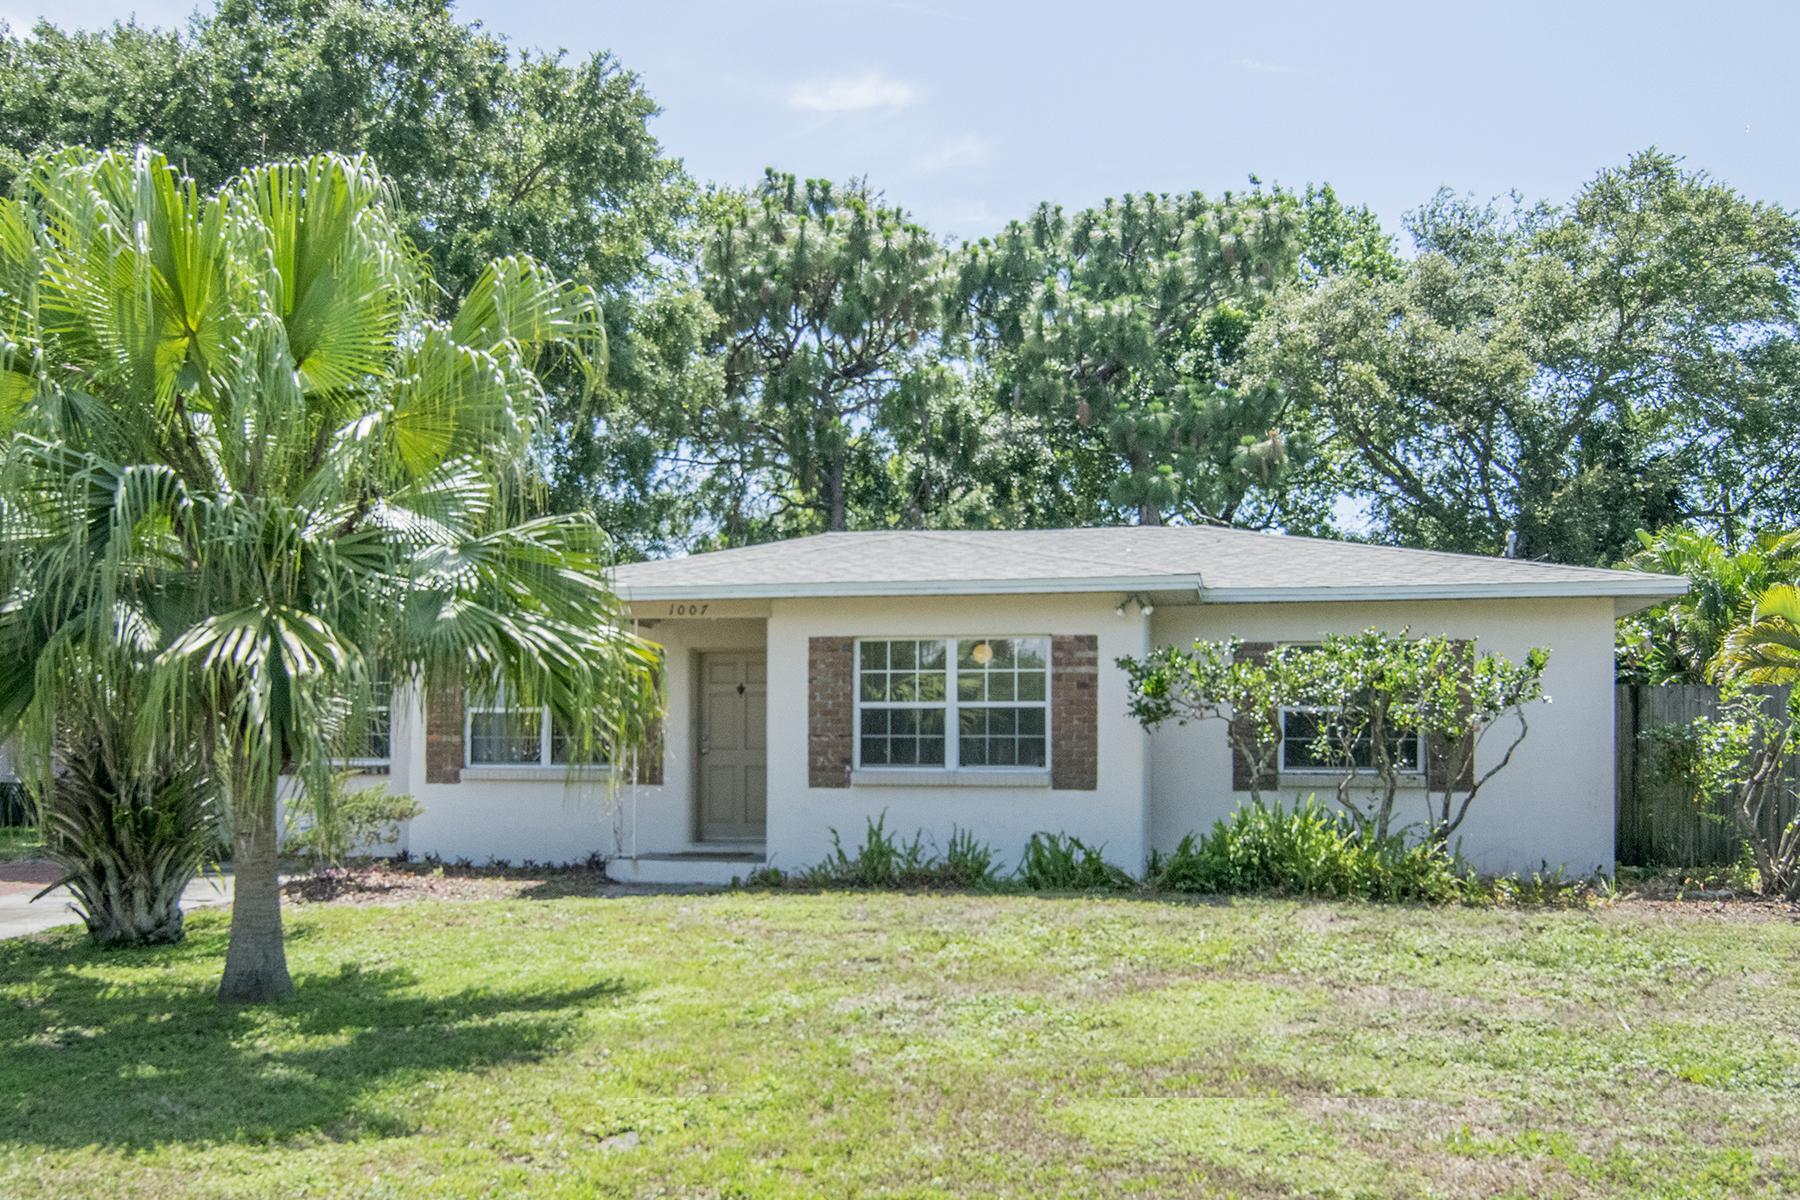 獨棟家庭住宅 為 出售 在 SOUTH TAMPA 1007 S Clark Ave Tampa, 佛羅里達州, 33629 美國